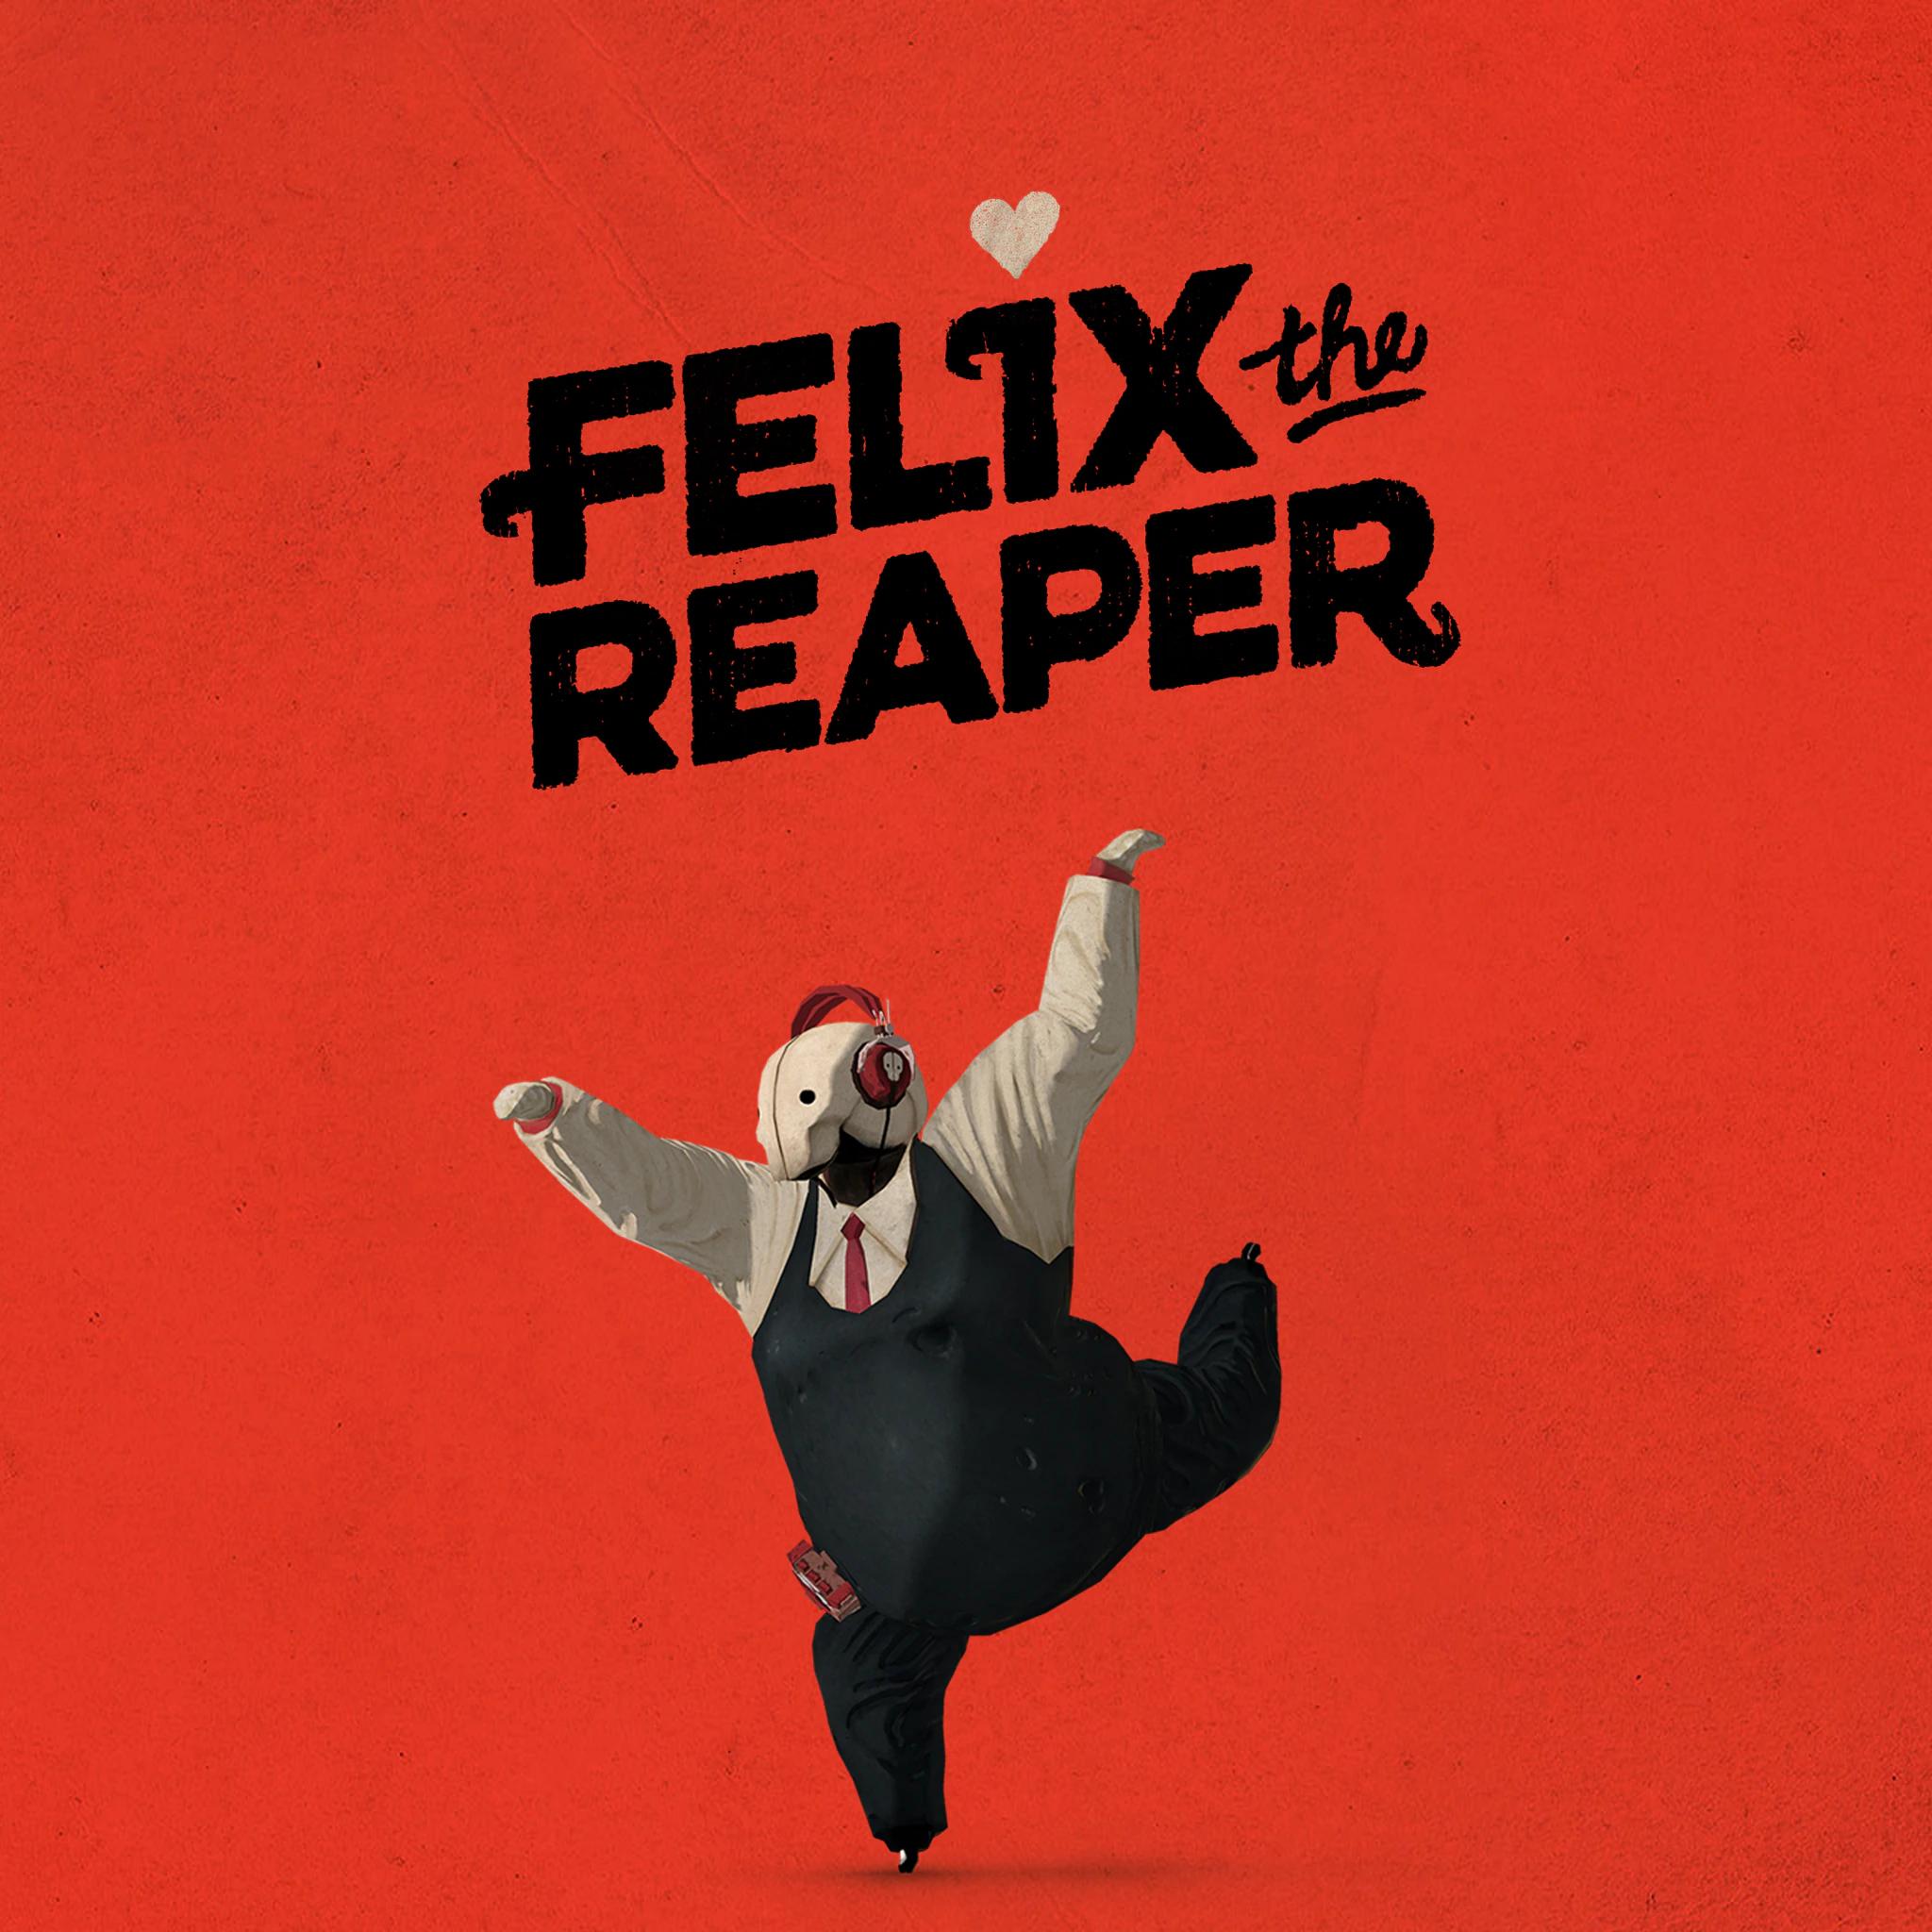 Sélection de jeux vidéo sur Switch en promotion (dématérialisés) - Ex : Felix The Reaper